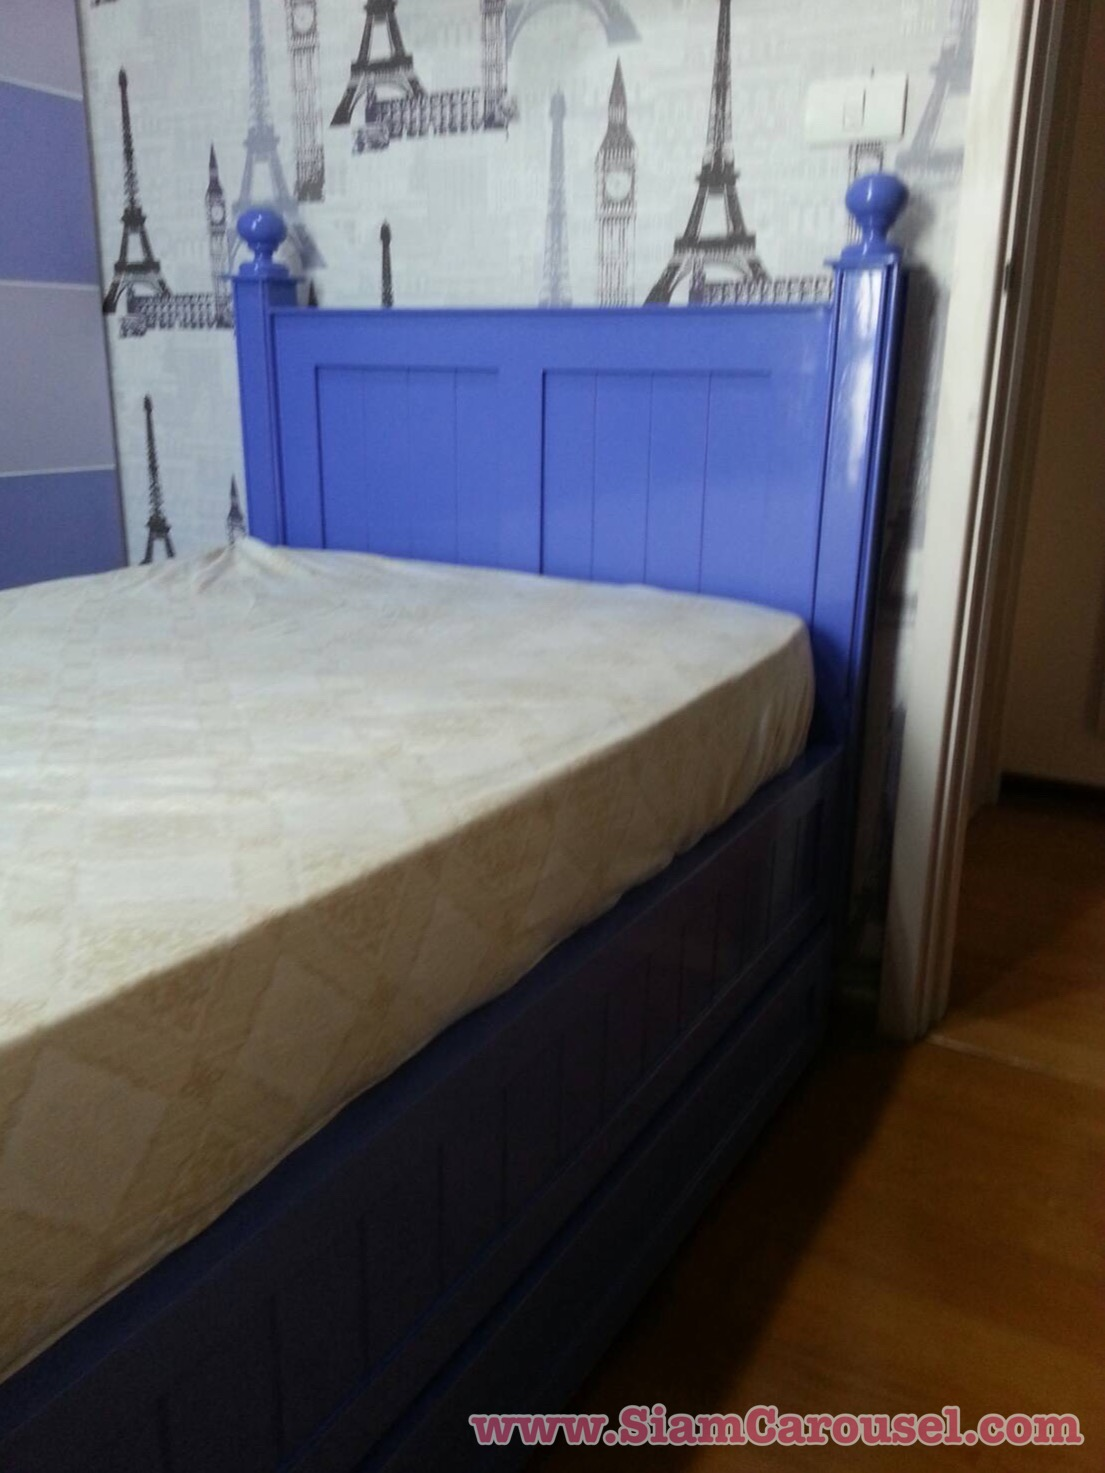 เตียงสองชั้นเตี้ย ขนาด 3 x 6.5 ฟุต ทำสีม่วงตามที่ลูกค้าเลือก ของคุณขวัญ คอนโดแถววงเวียนใหญ่